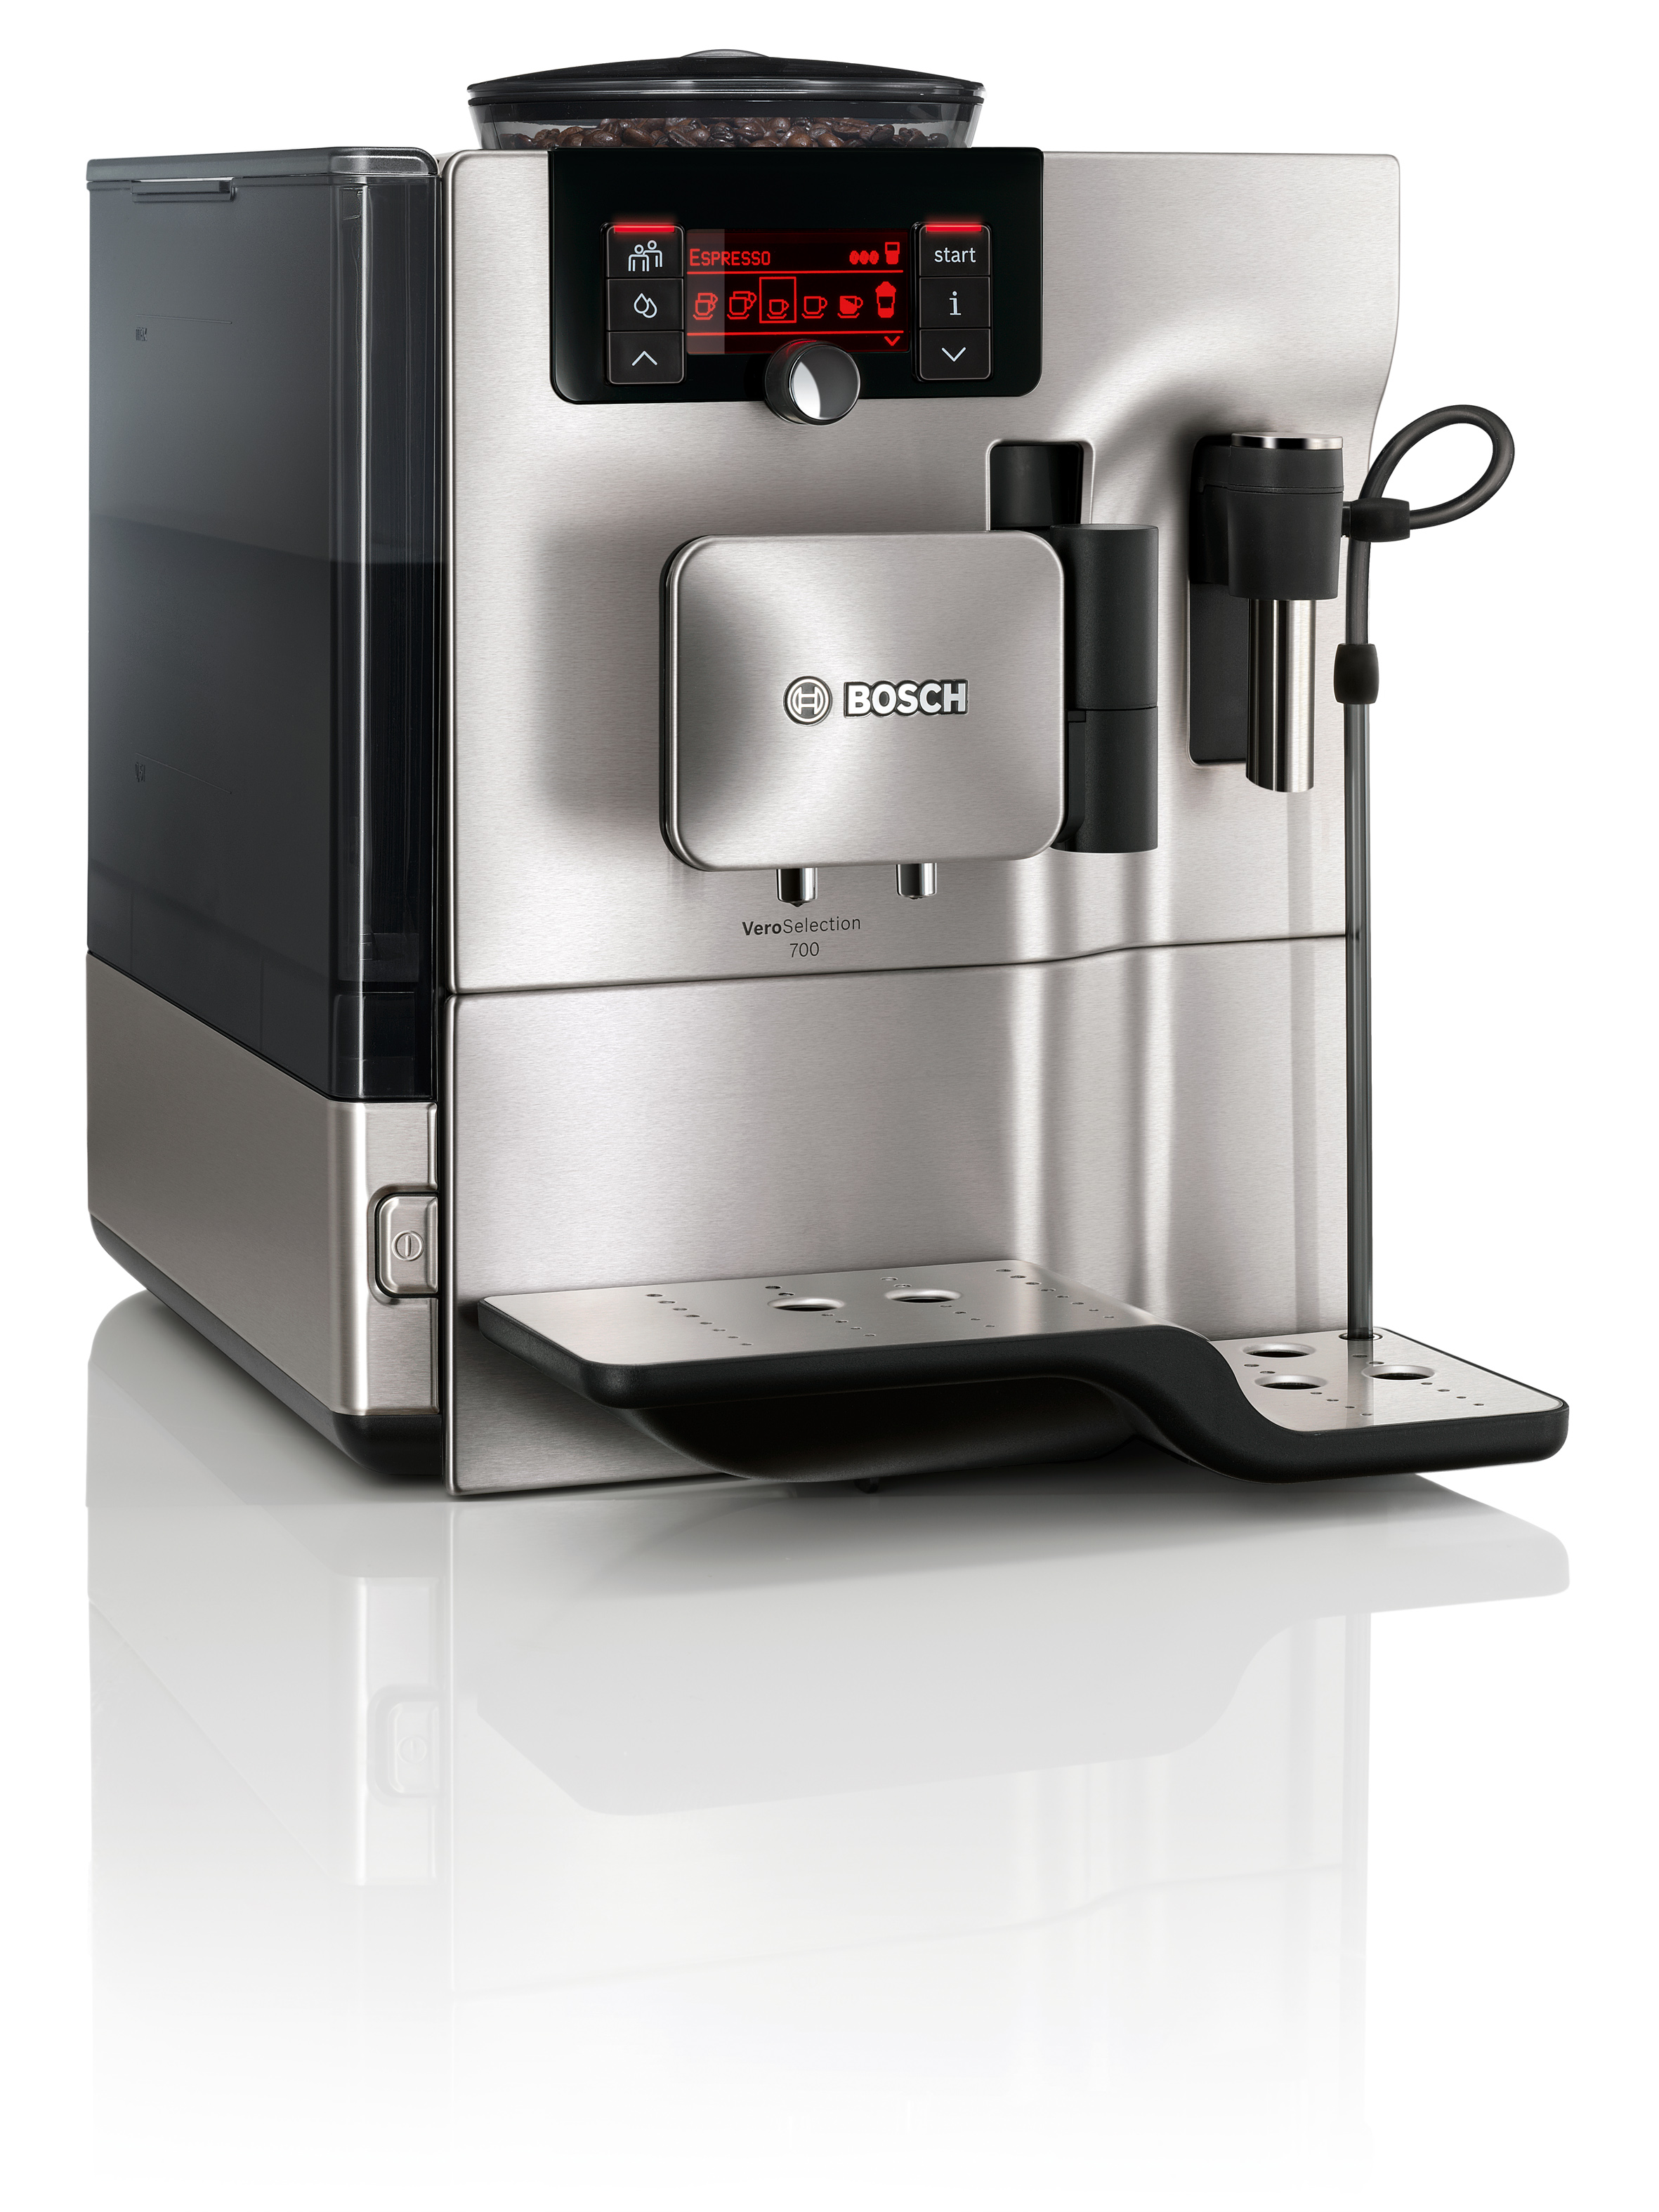 Bosch VeroSelection 700 Kaffeevollautomat 1